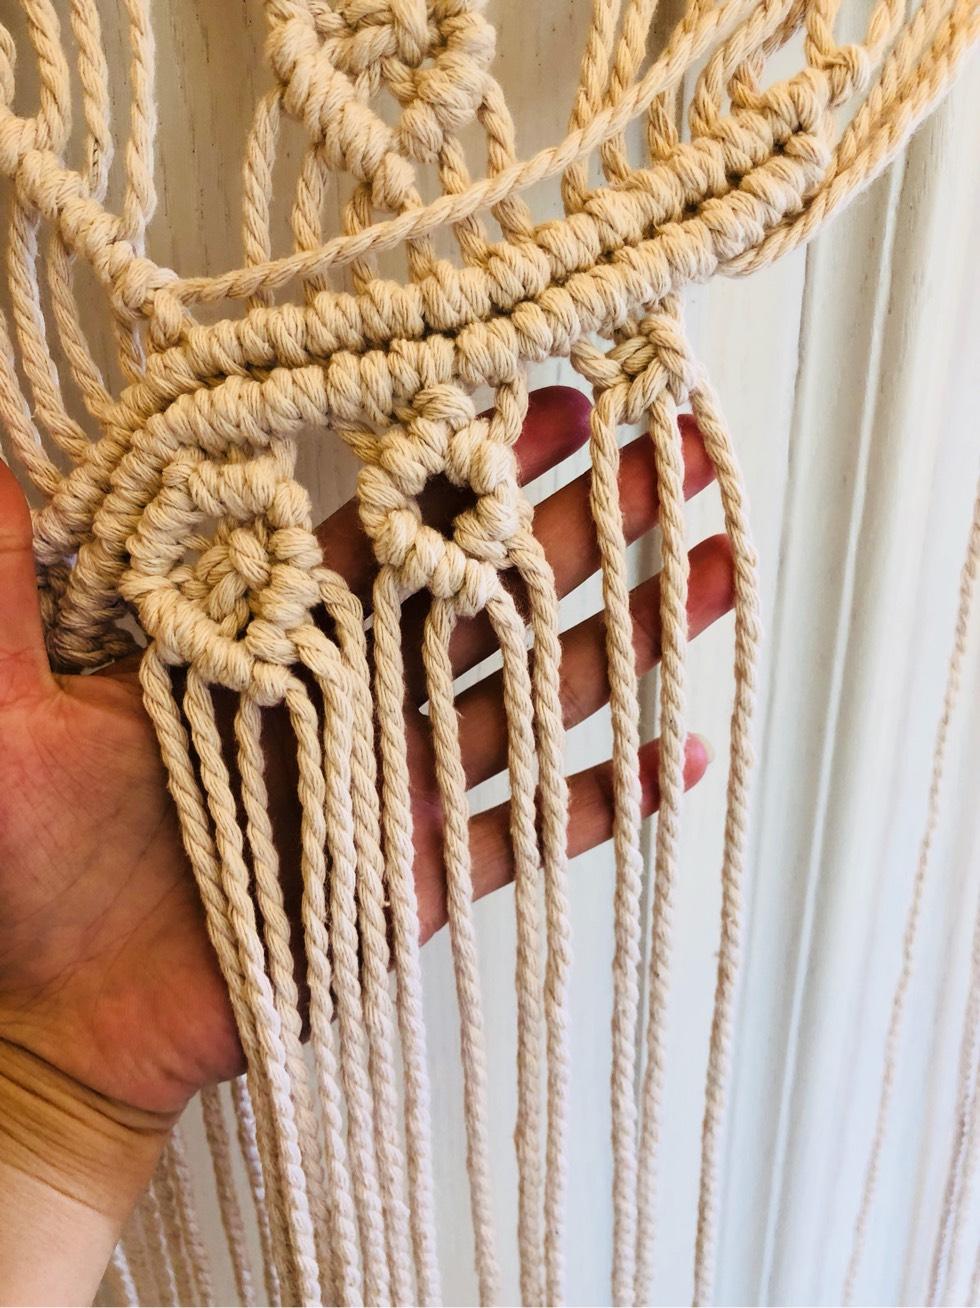 中国结论坛 棉线挂饰 挂饰,一根绳子编法大全简单,用绳子编钥匙扣怎么编,棉线壁挂编织的图片,用大力马线做棉线结 图文教程区 235015mqqb3lqg59mxl89q